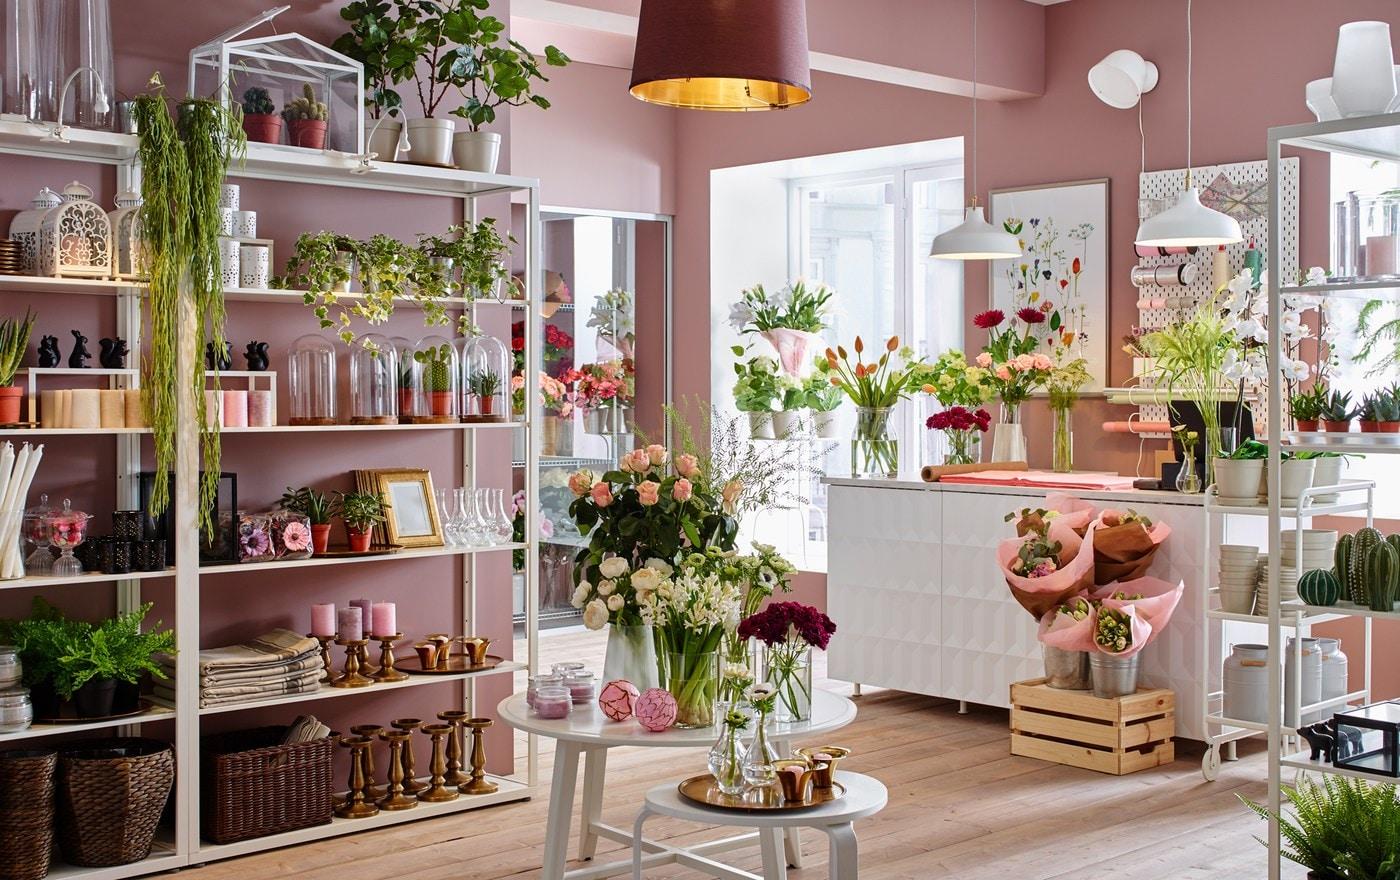 Florista com paredes em rosa e decorada com estantes FJÄLKINGE em branco, para expor plantas e jarras.